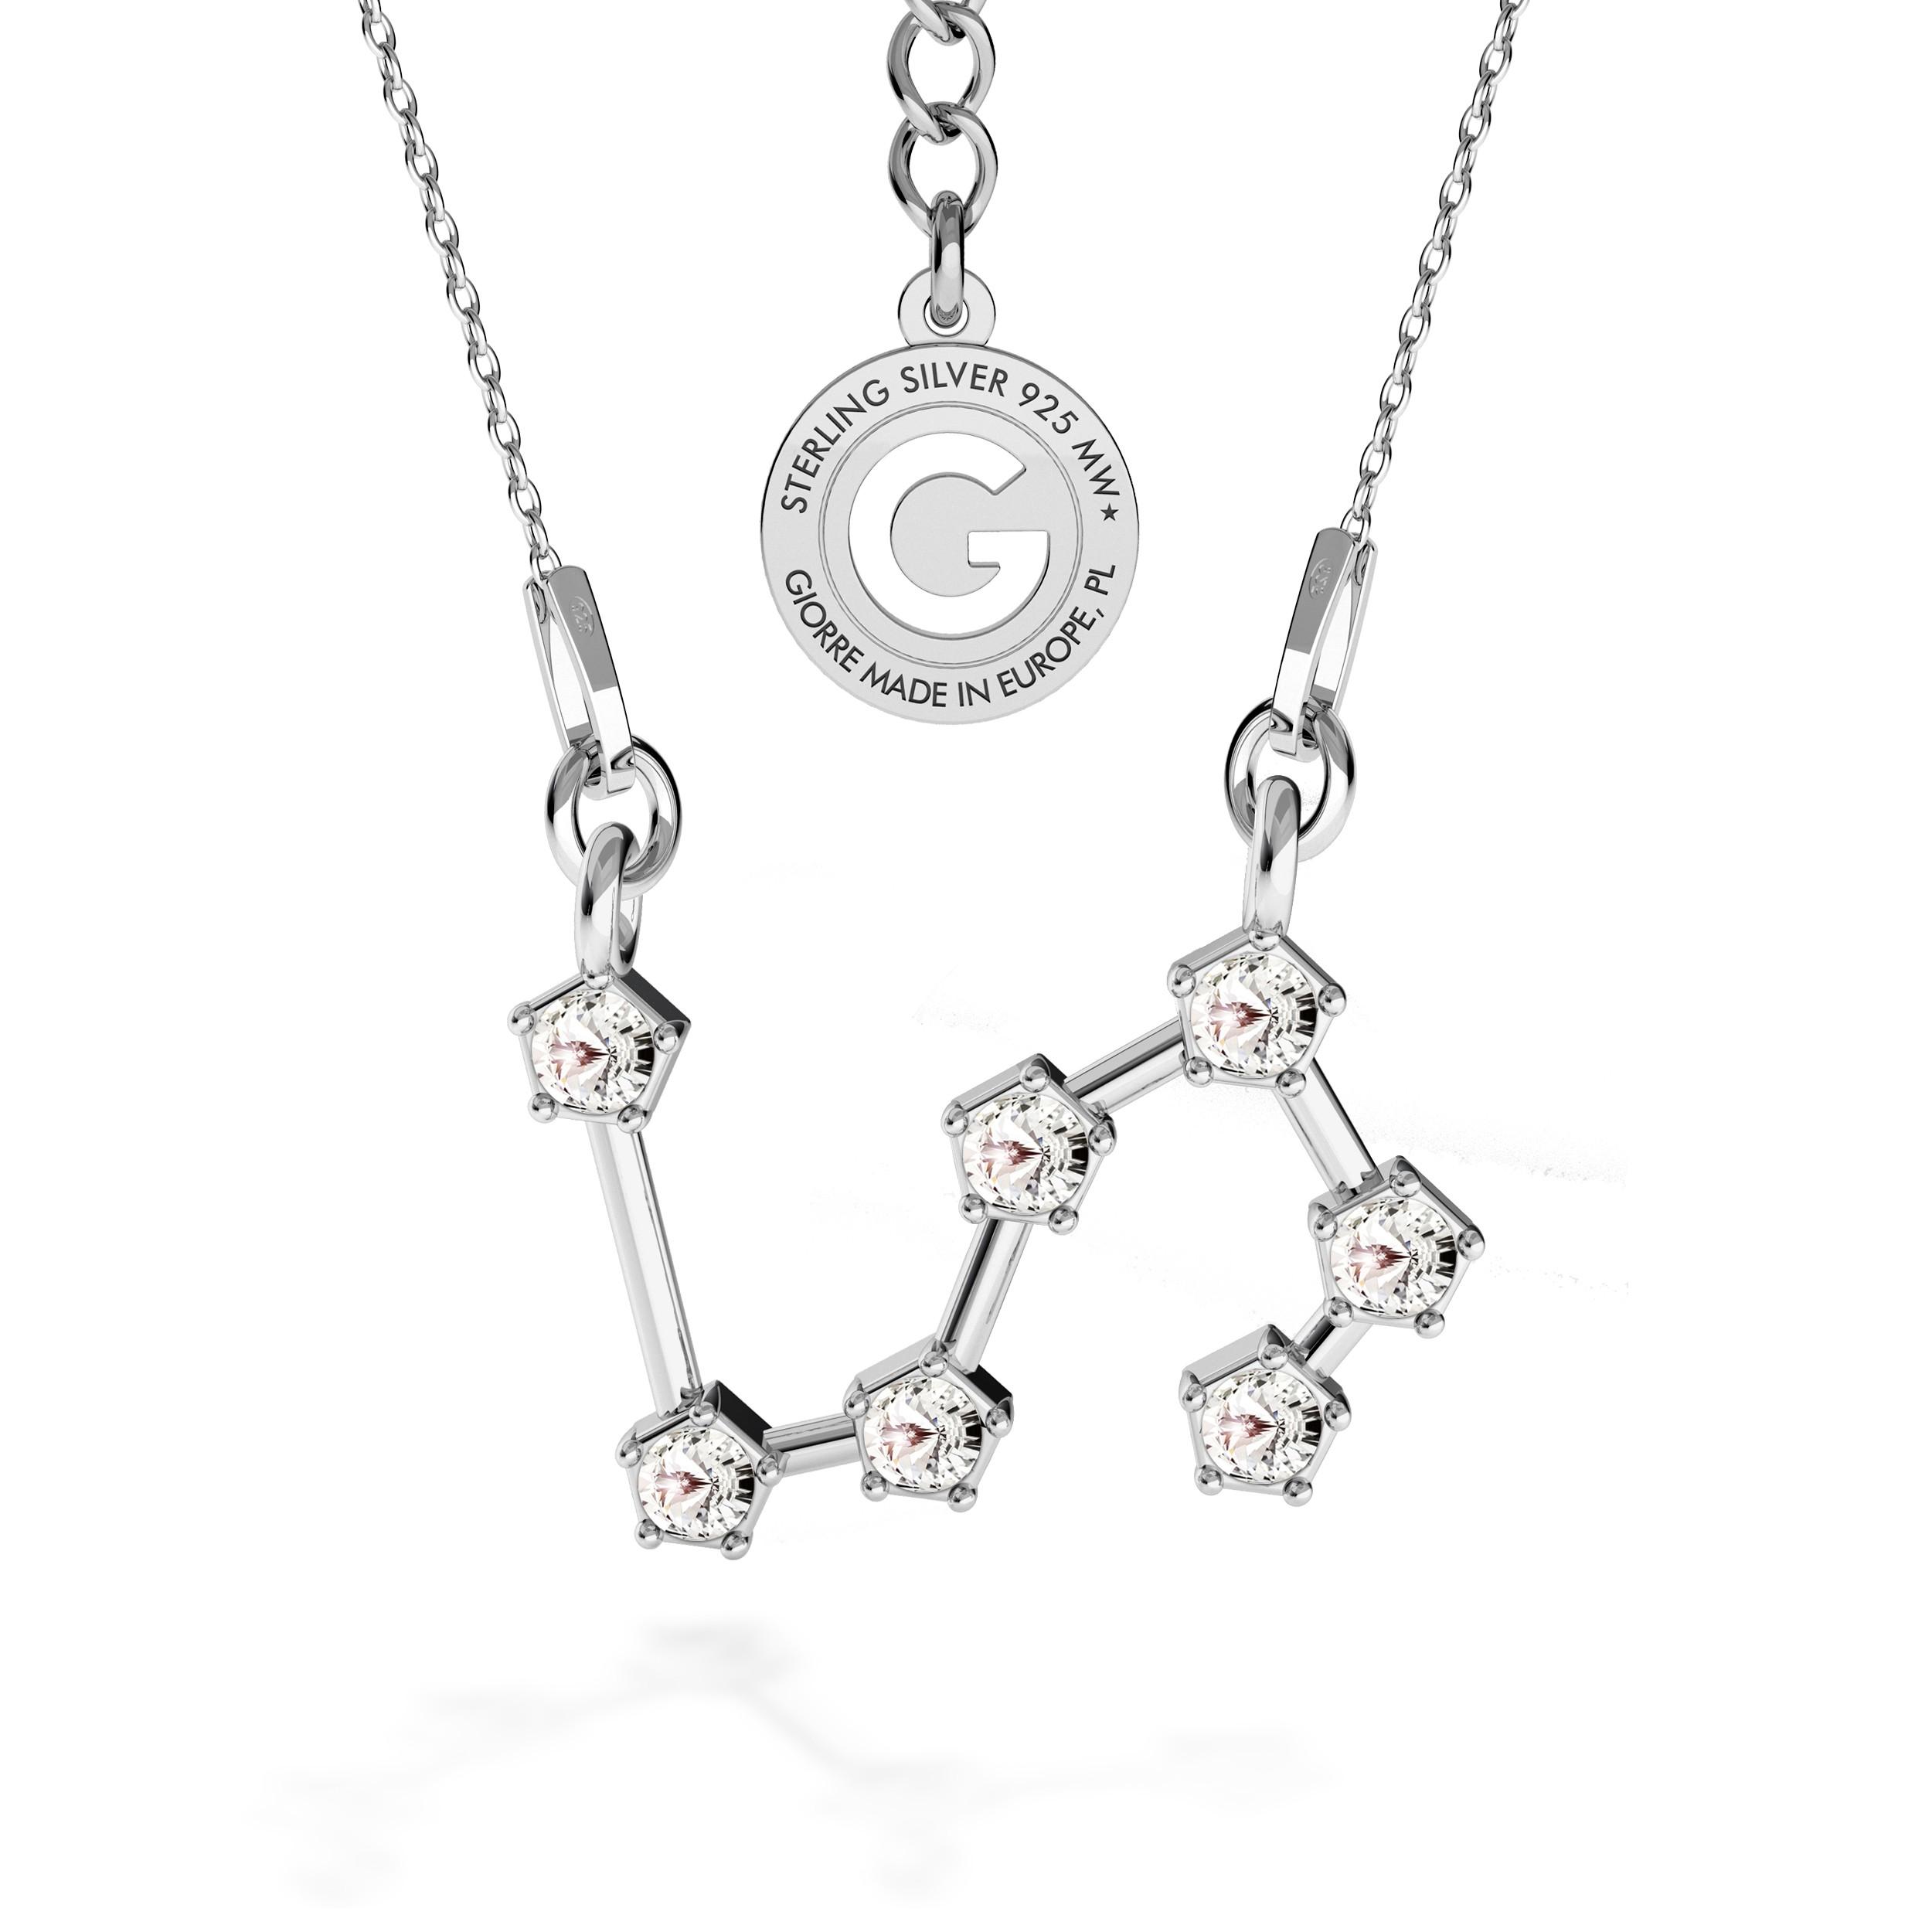 LEW srebrny naszyjnik zodiak z kryształami Swarovskiego 925